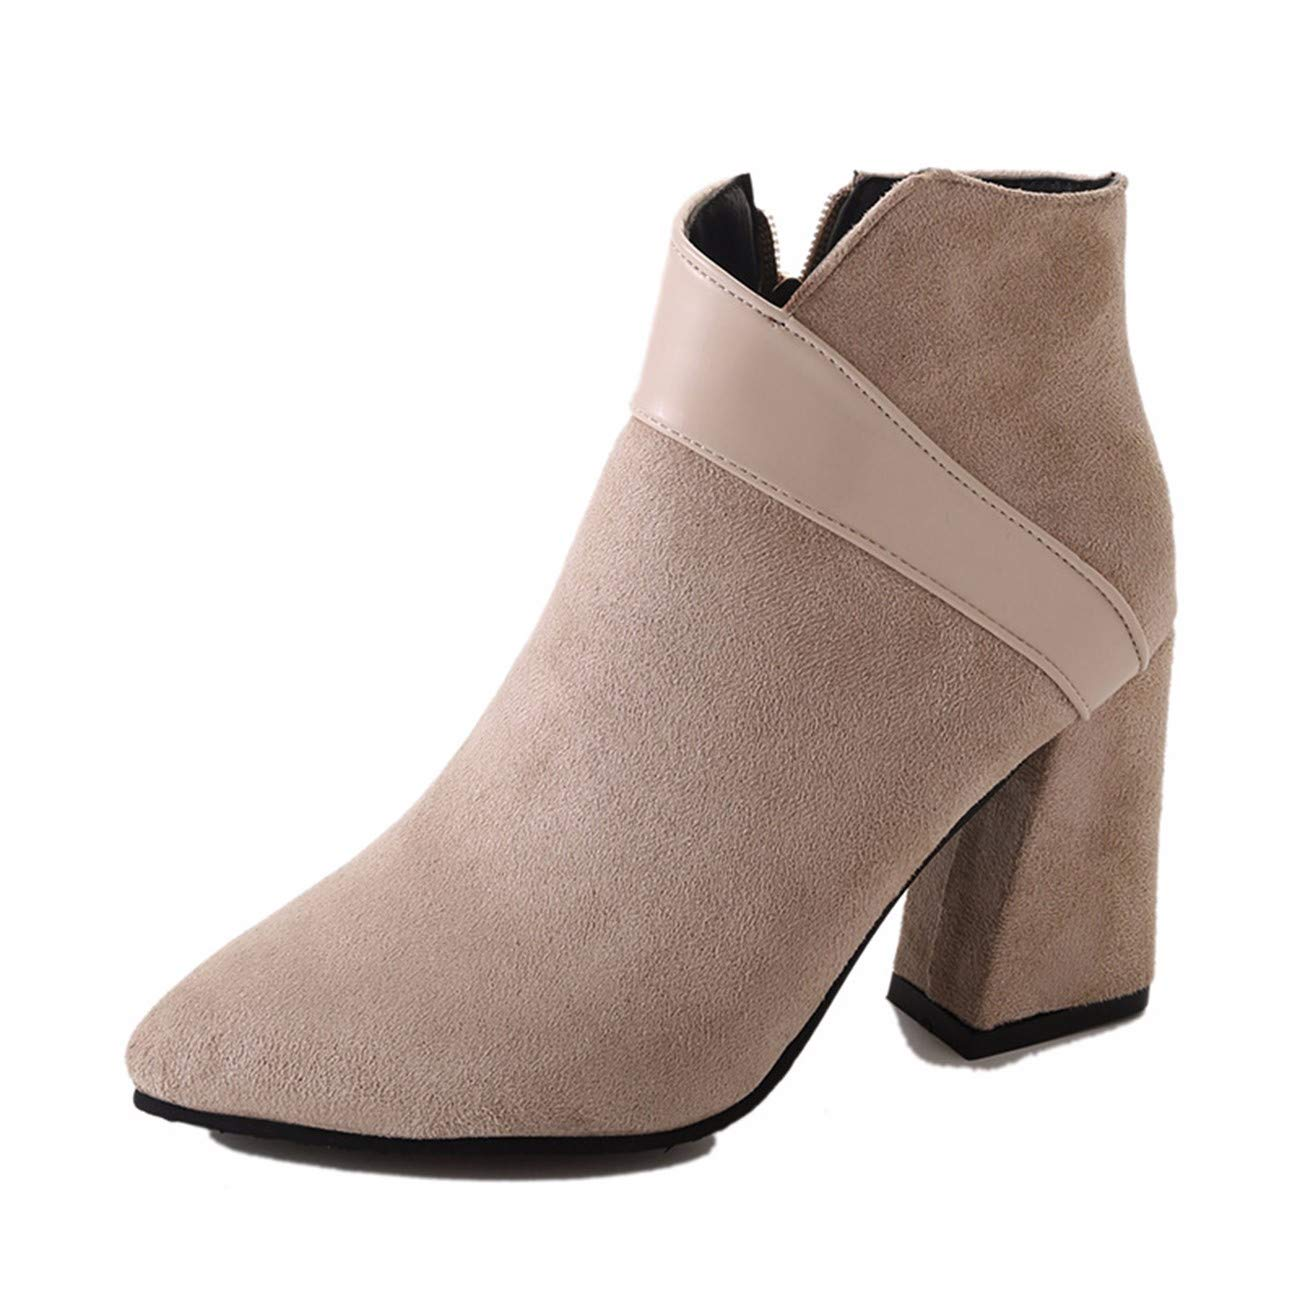 QPGGP-boots Womens Shoes